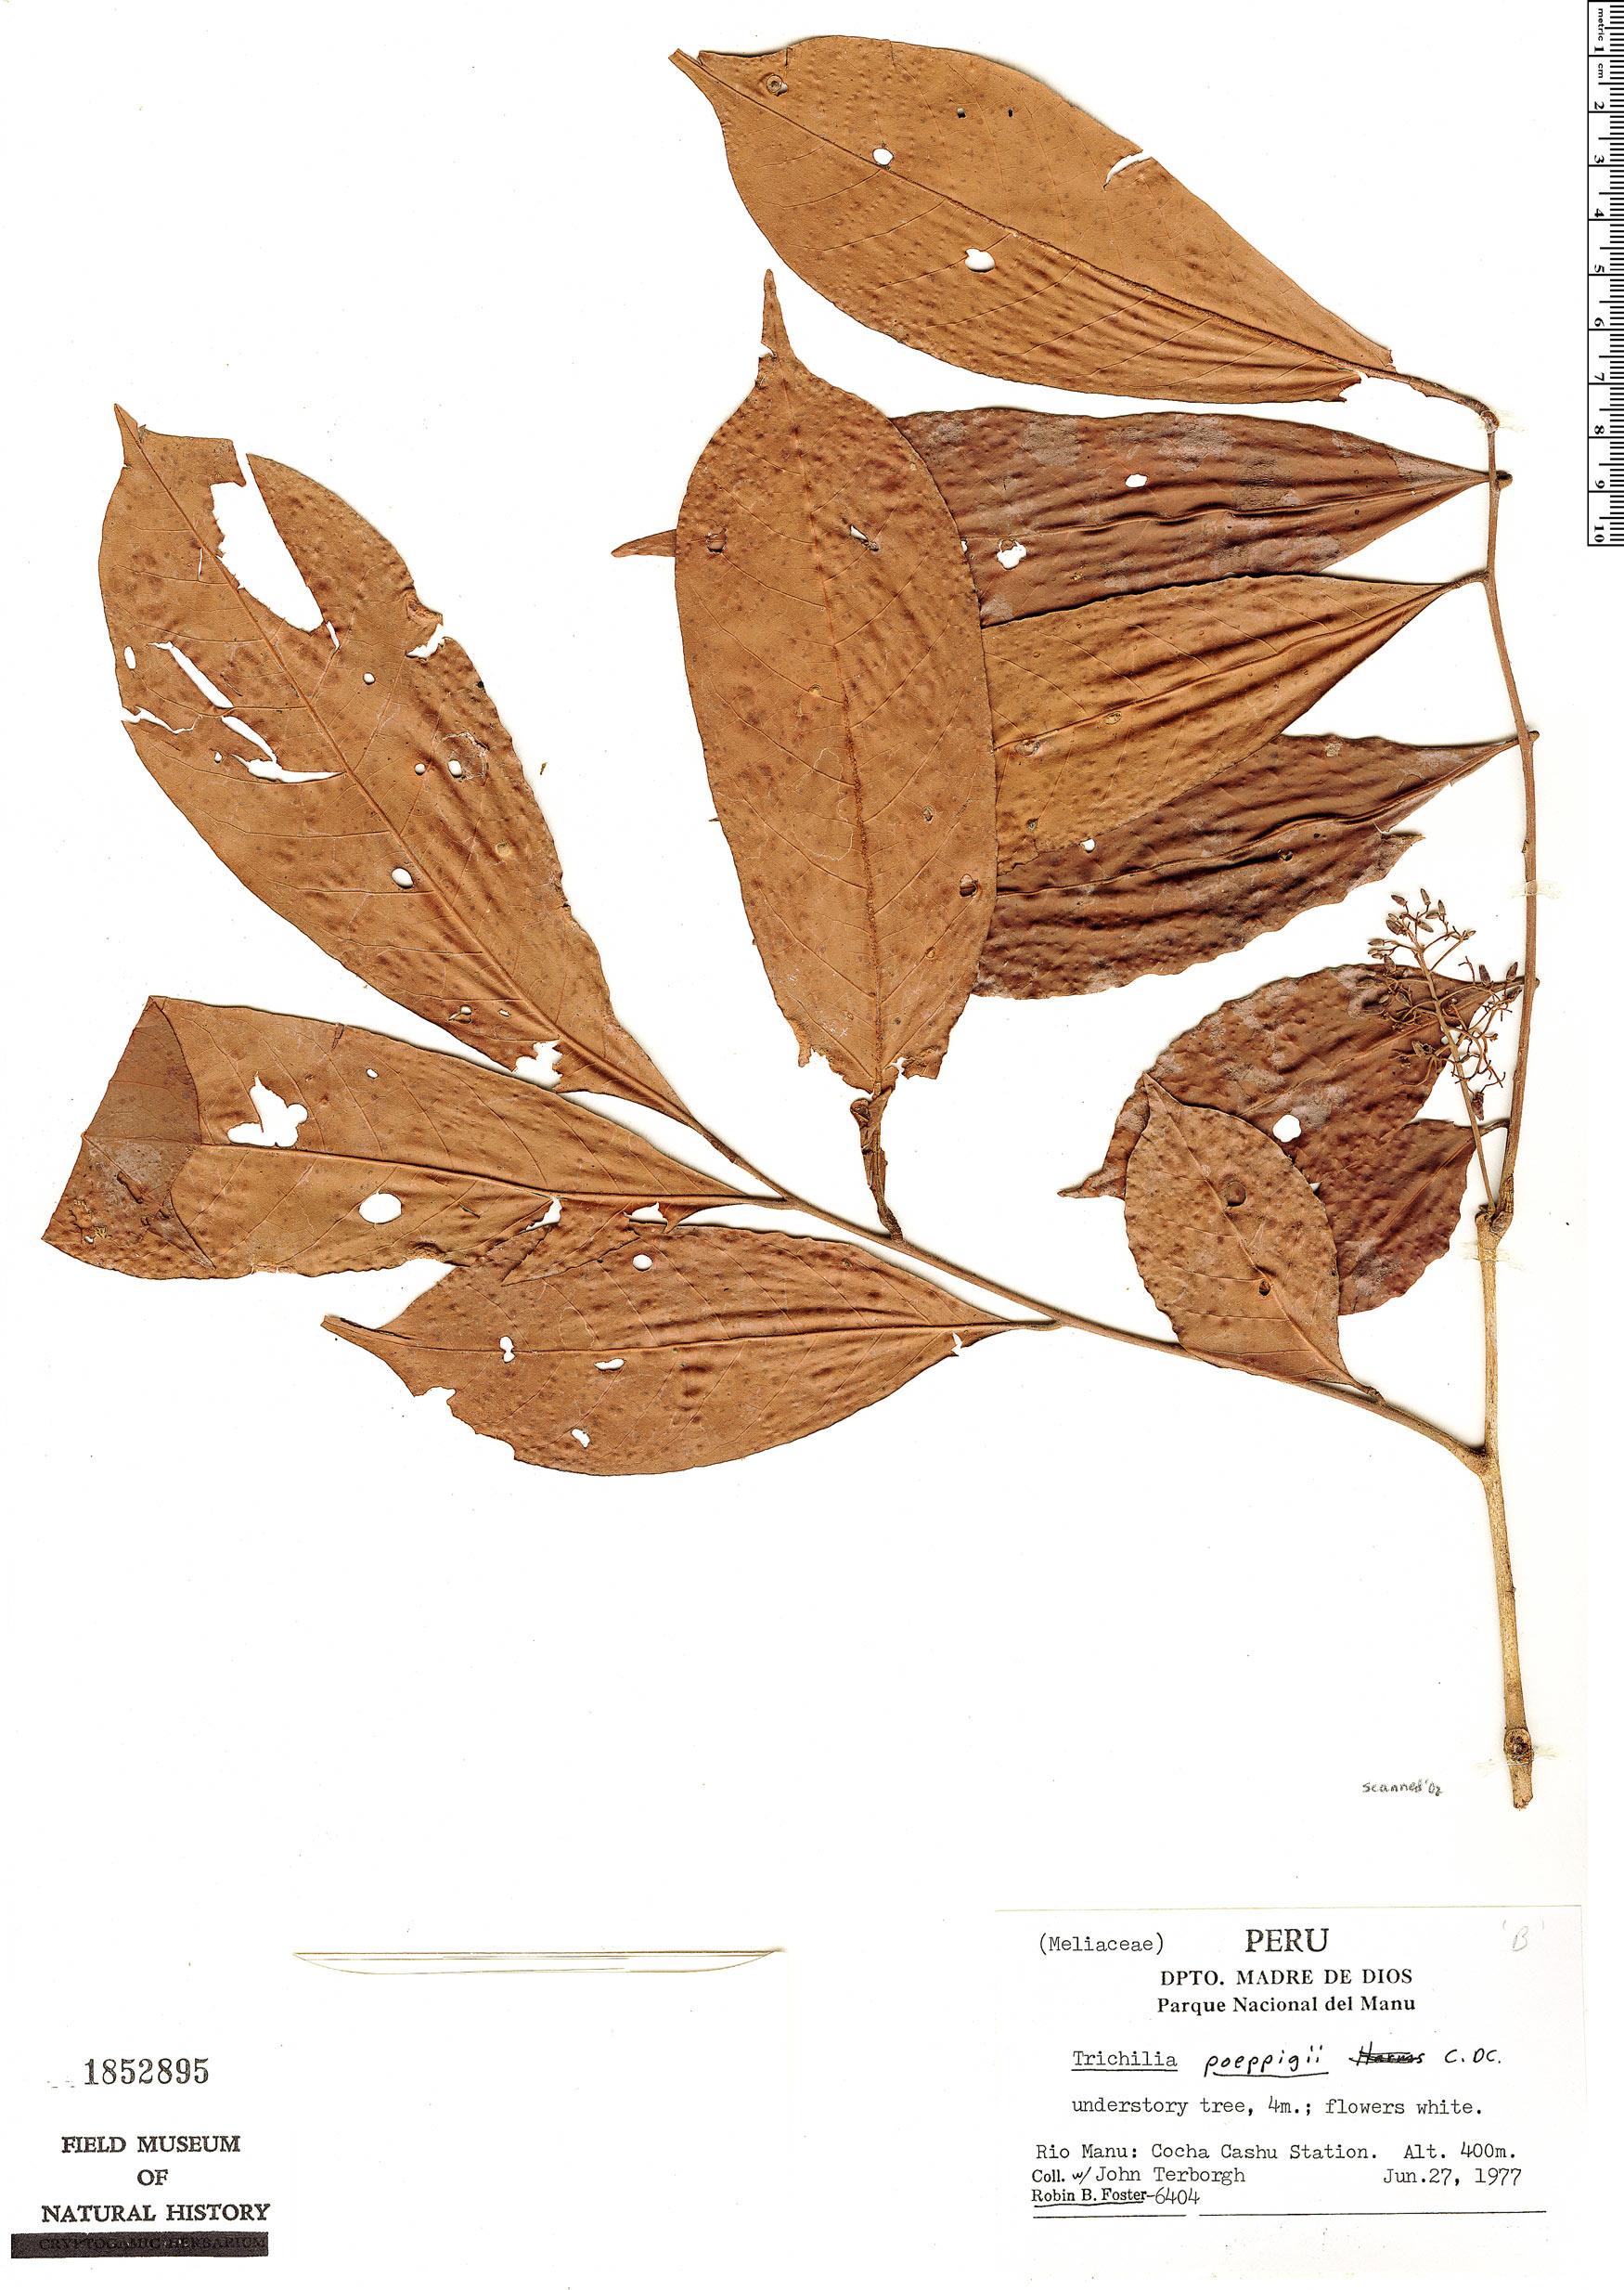 Espécimen: Trichilia poeppigii